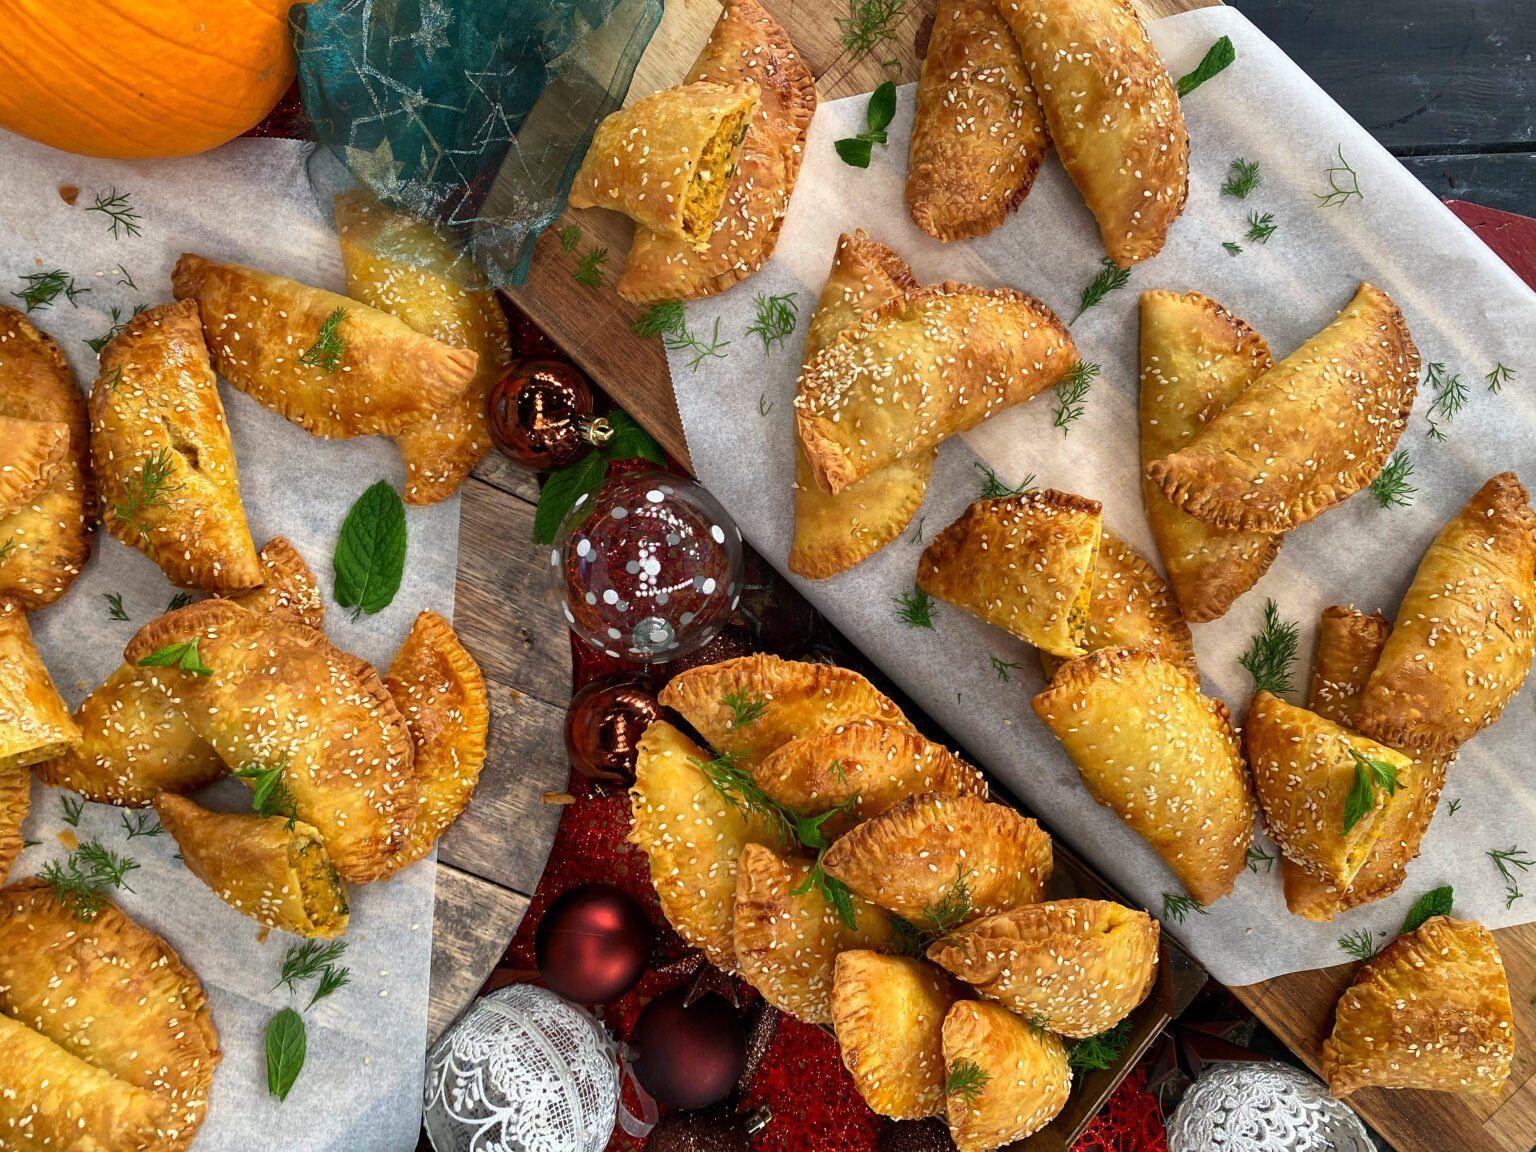 Πιτάκια Κουρού με Ψητή Κολοκύθα, Φέτα και Μυρωδικά